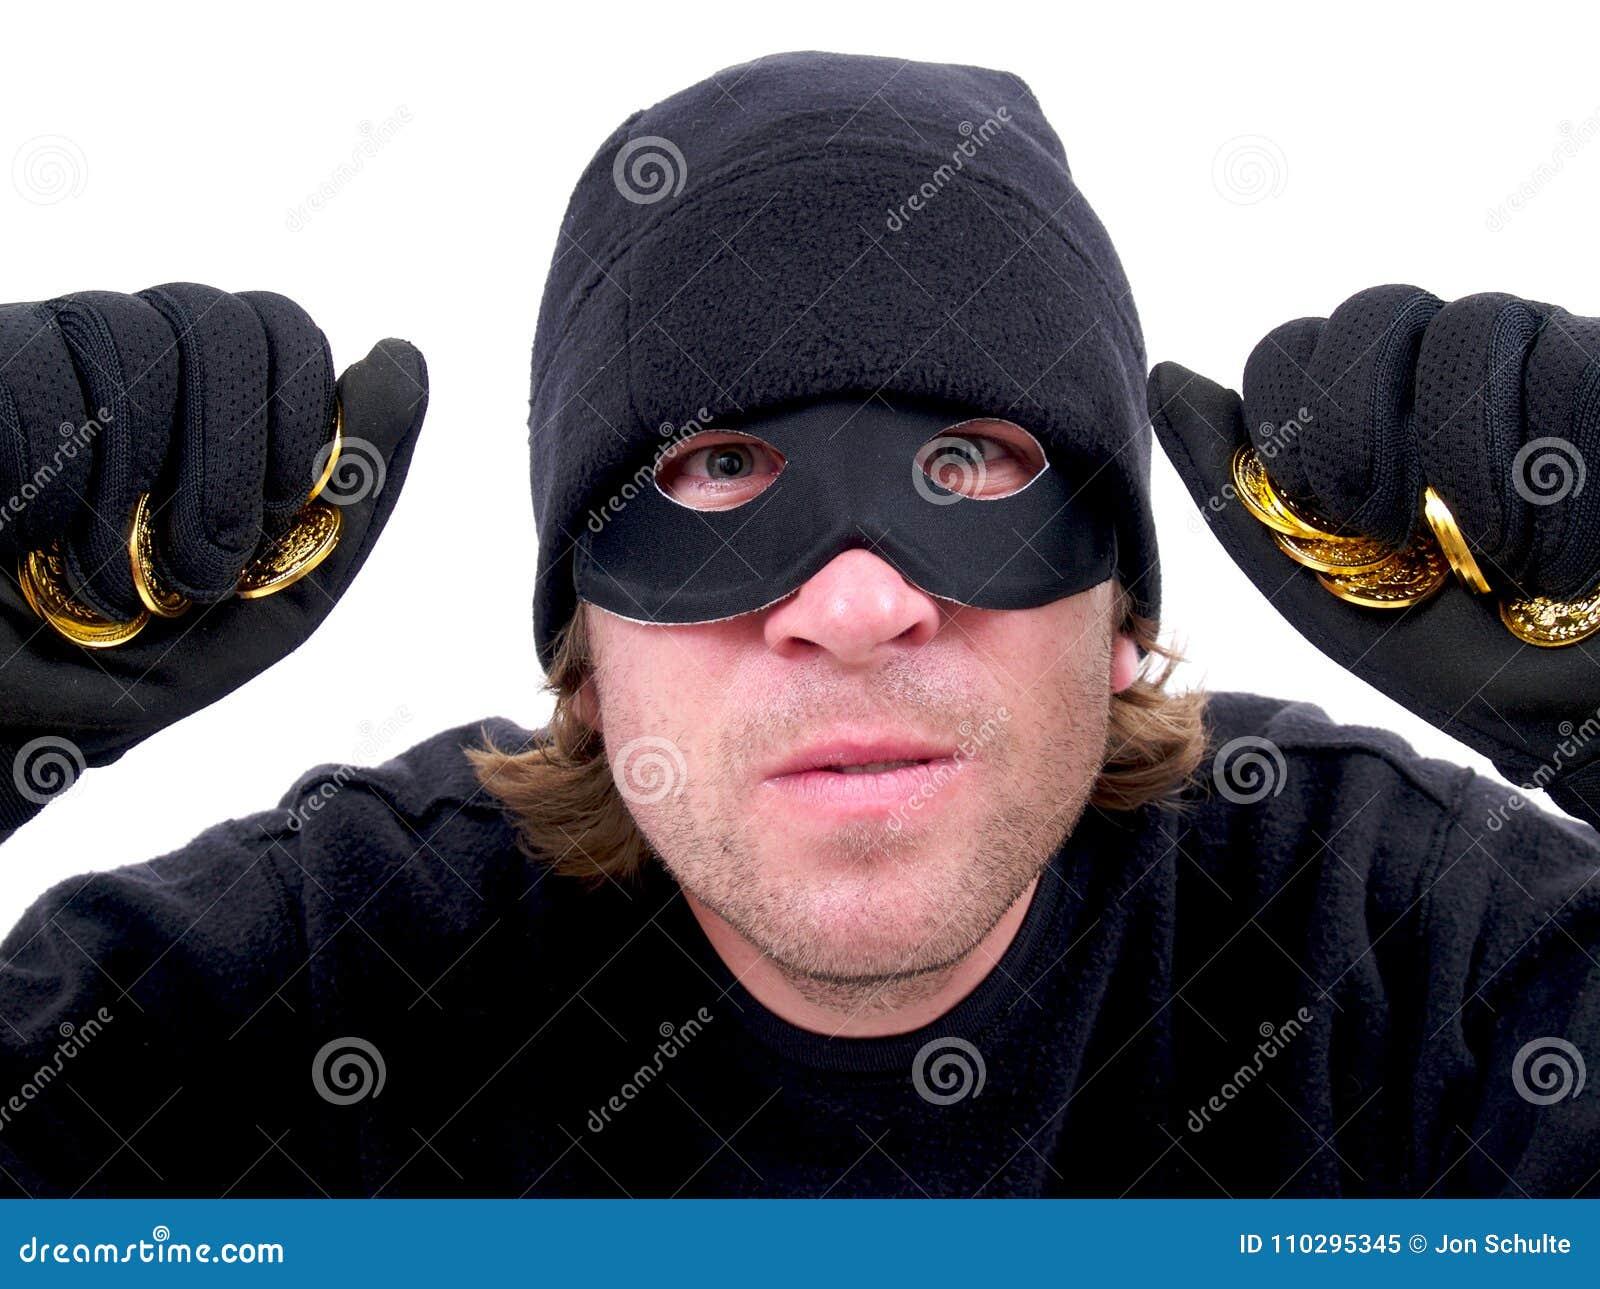 En Maskerad Brottsling Med Guld Fotografering för Bildbyråer - Bild ... 9d1e66dcf3bb0